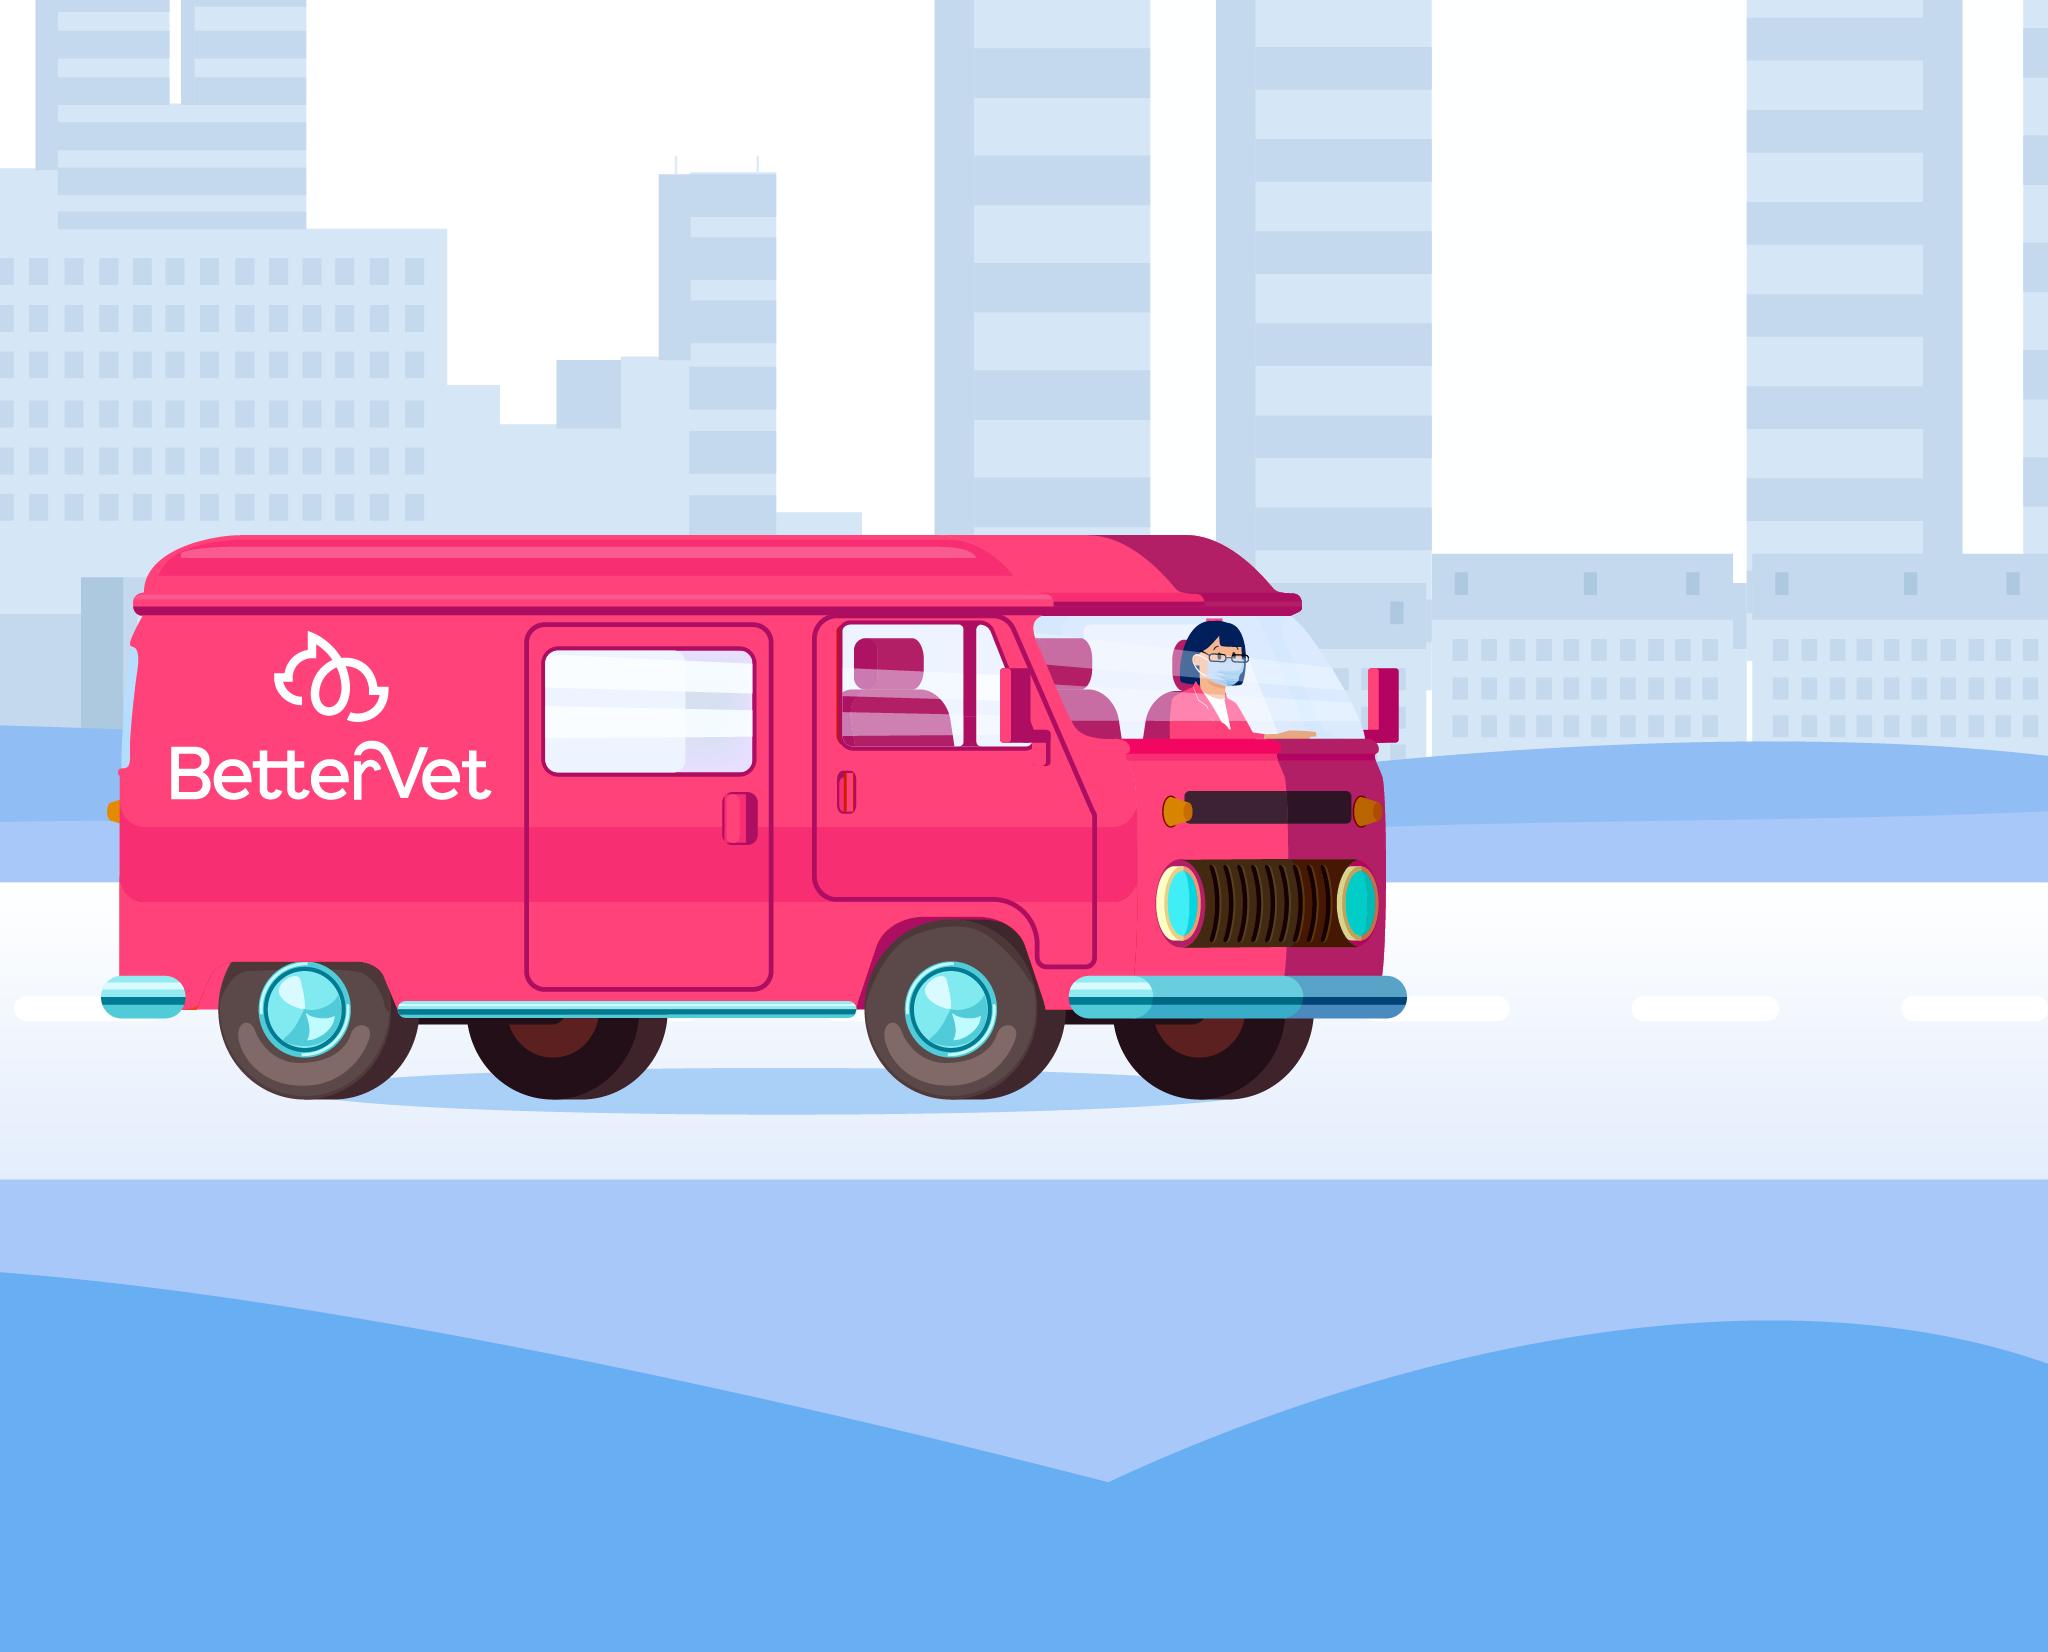 BetterVet vet driving on her car illustration.